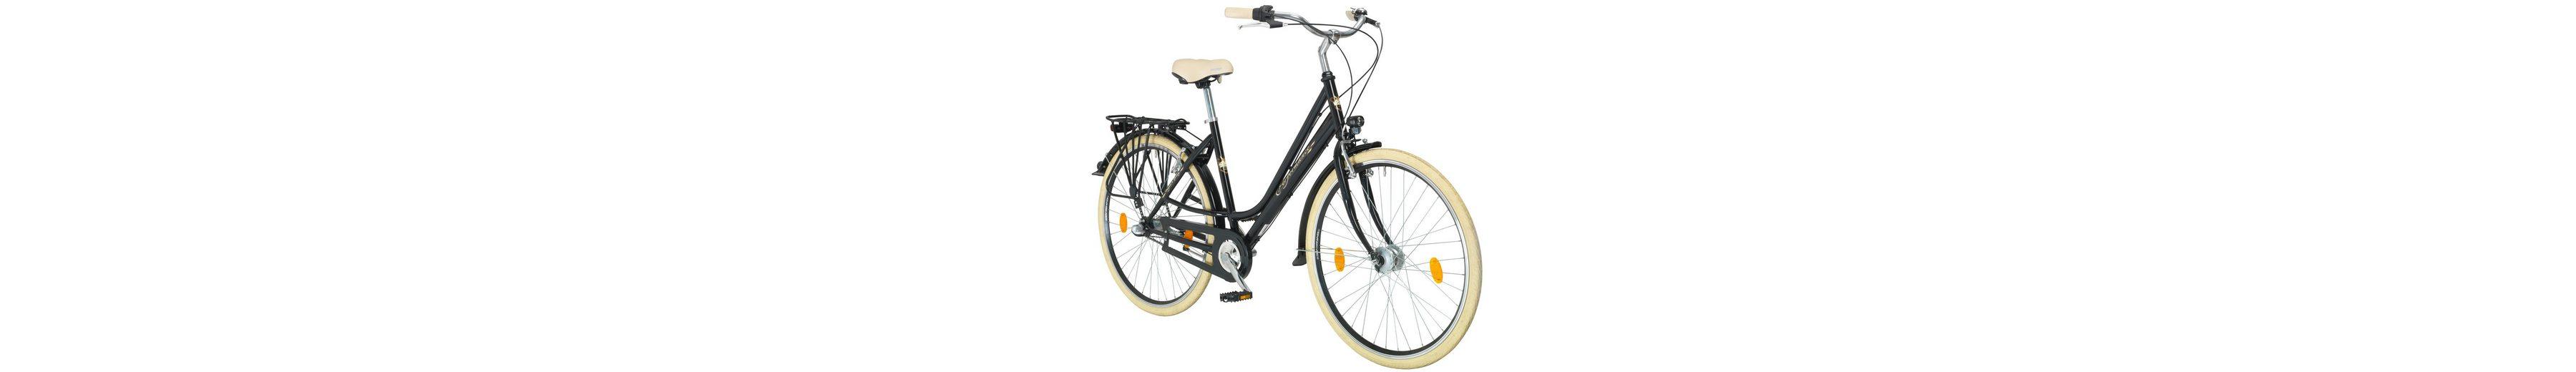 Citybike Damen »Toulouse«, 28 Zoll, 3 Gang, Rücktrittbremse